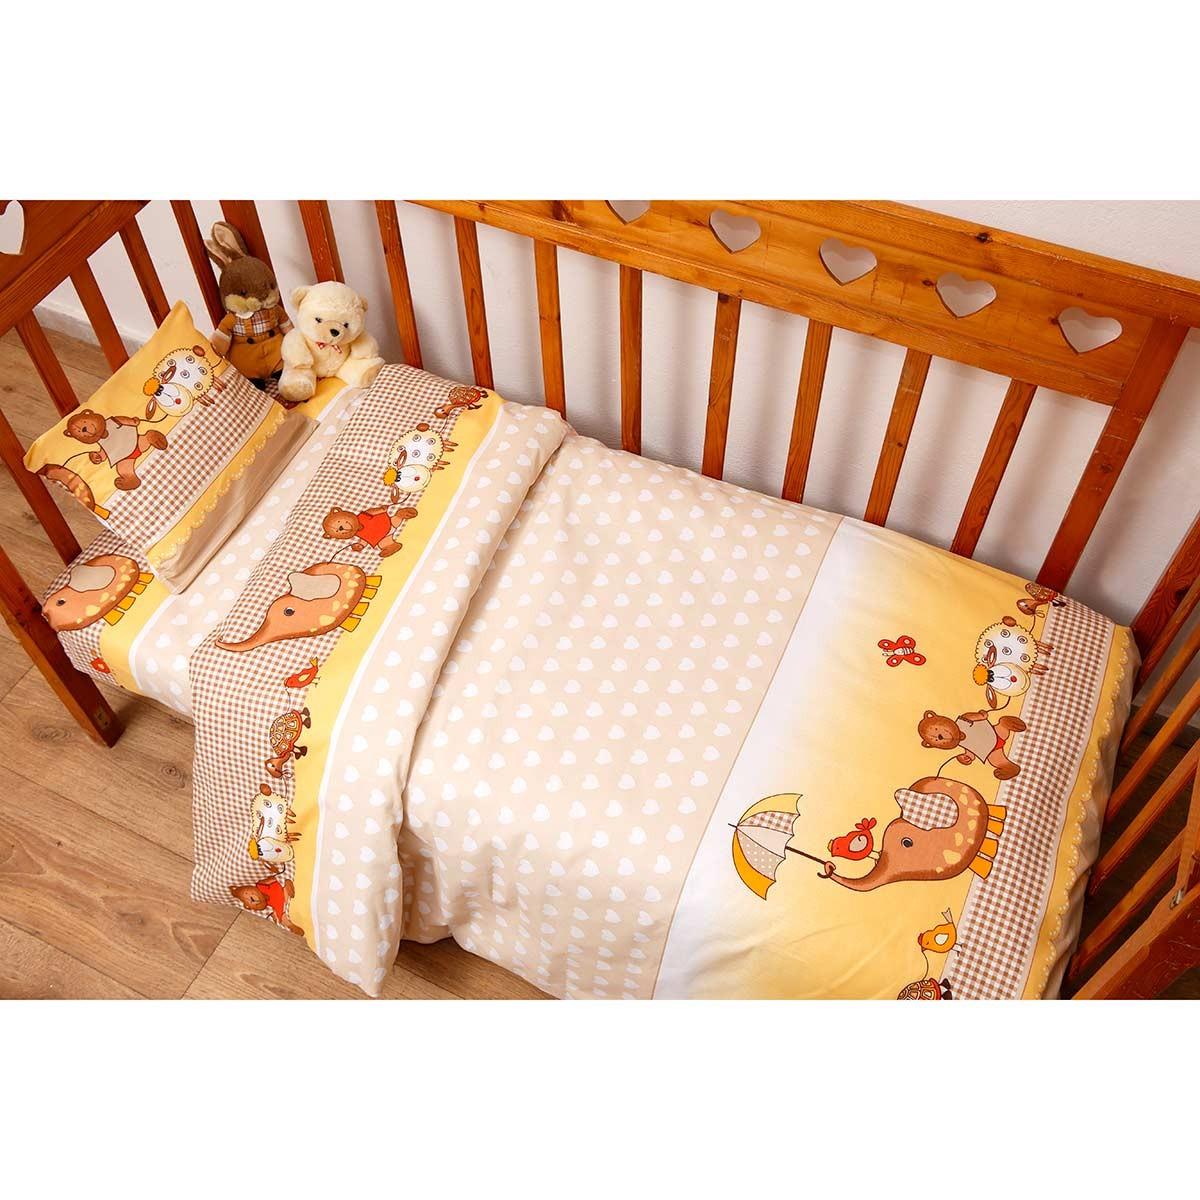 Σεντόνια Κούνιας (Σετ) Viopros Baby Cotton Χάρι